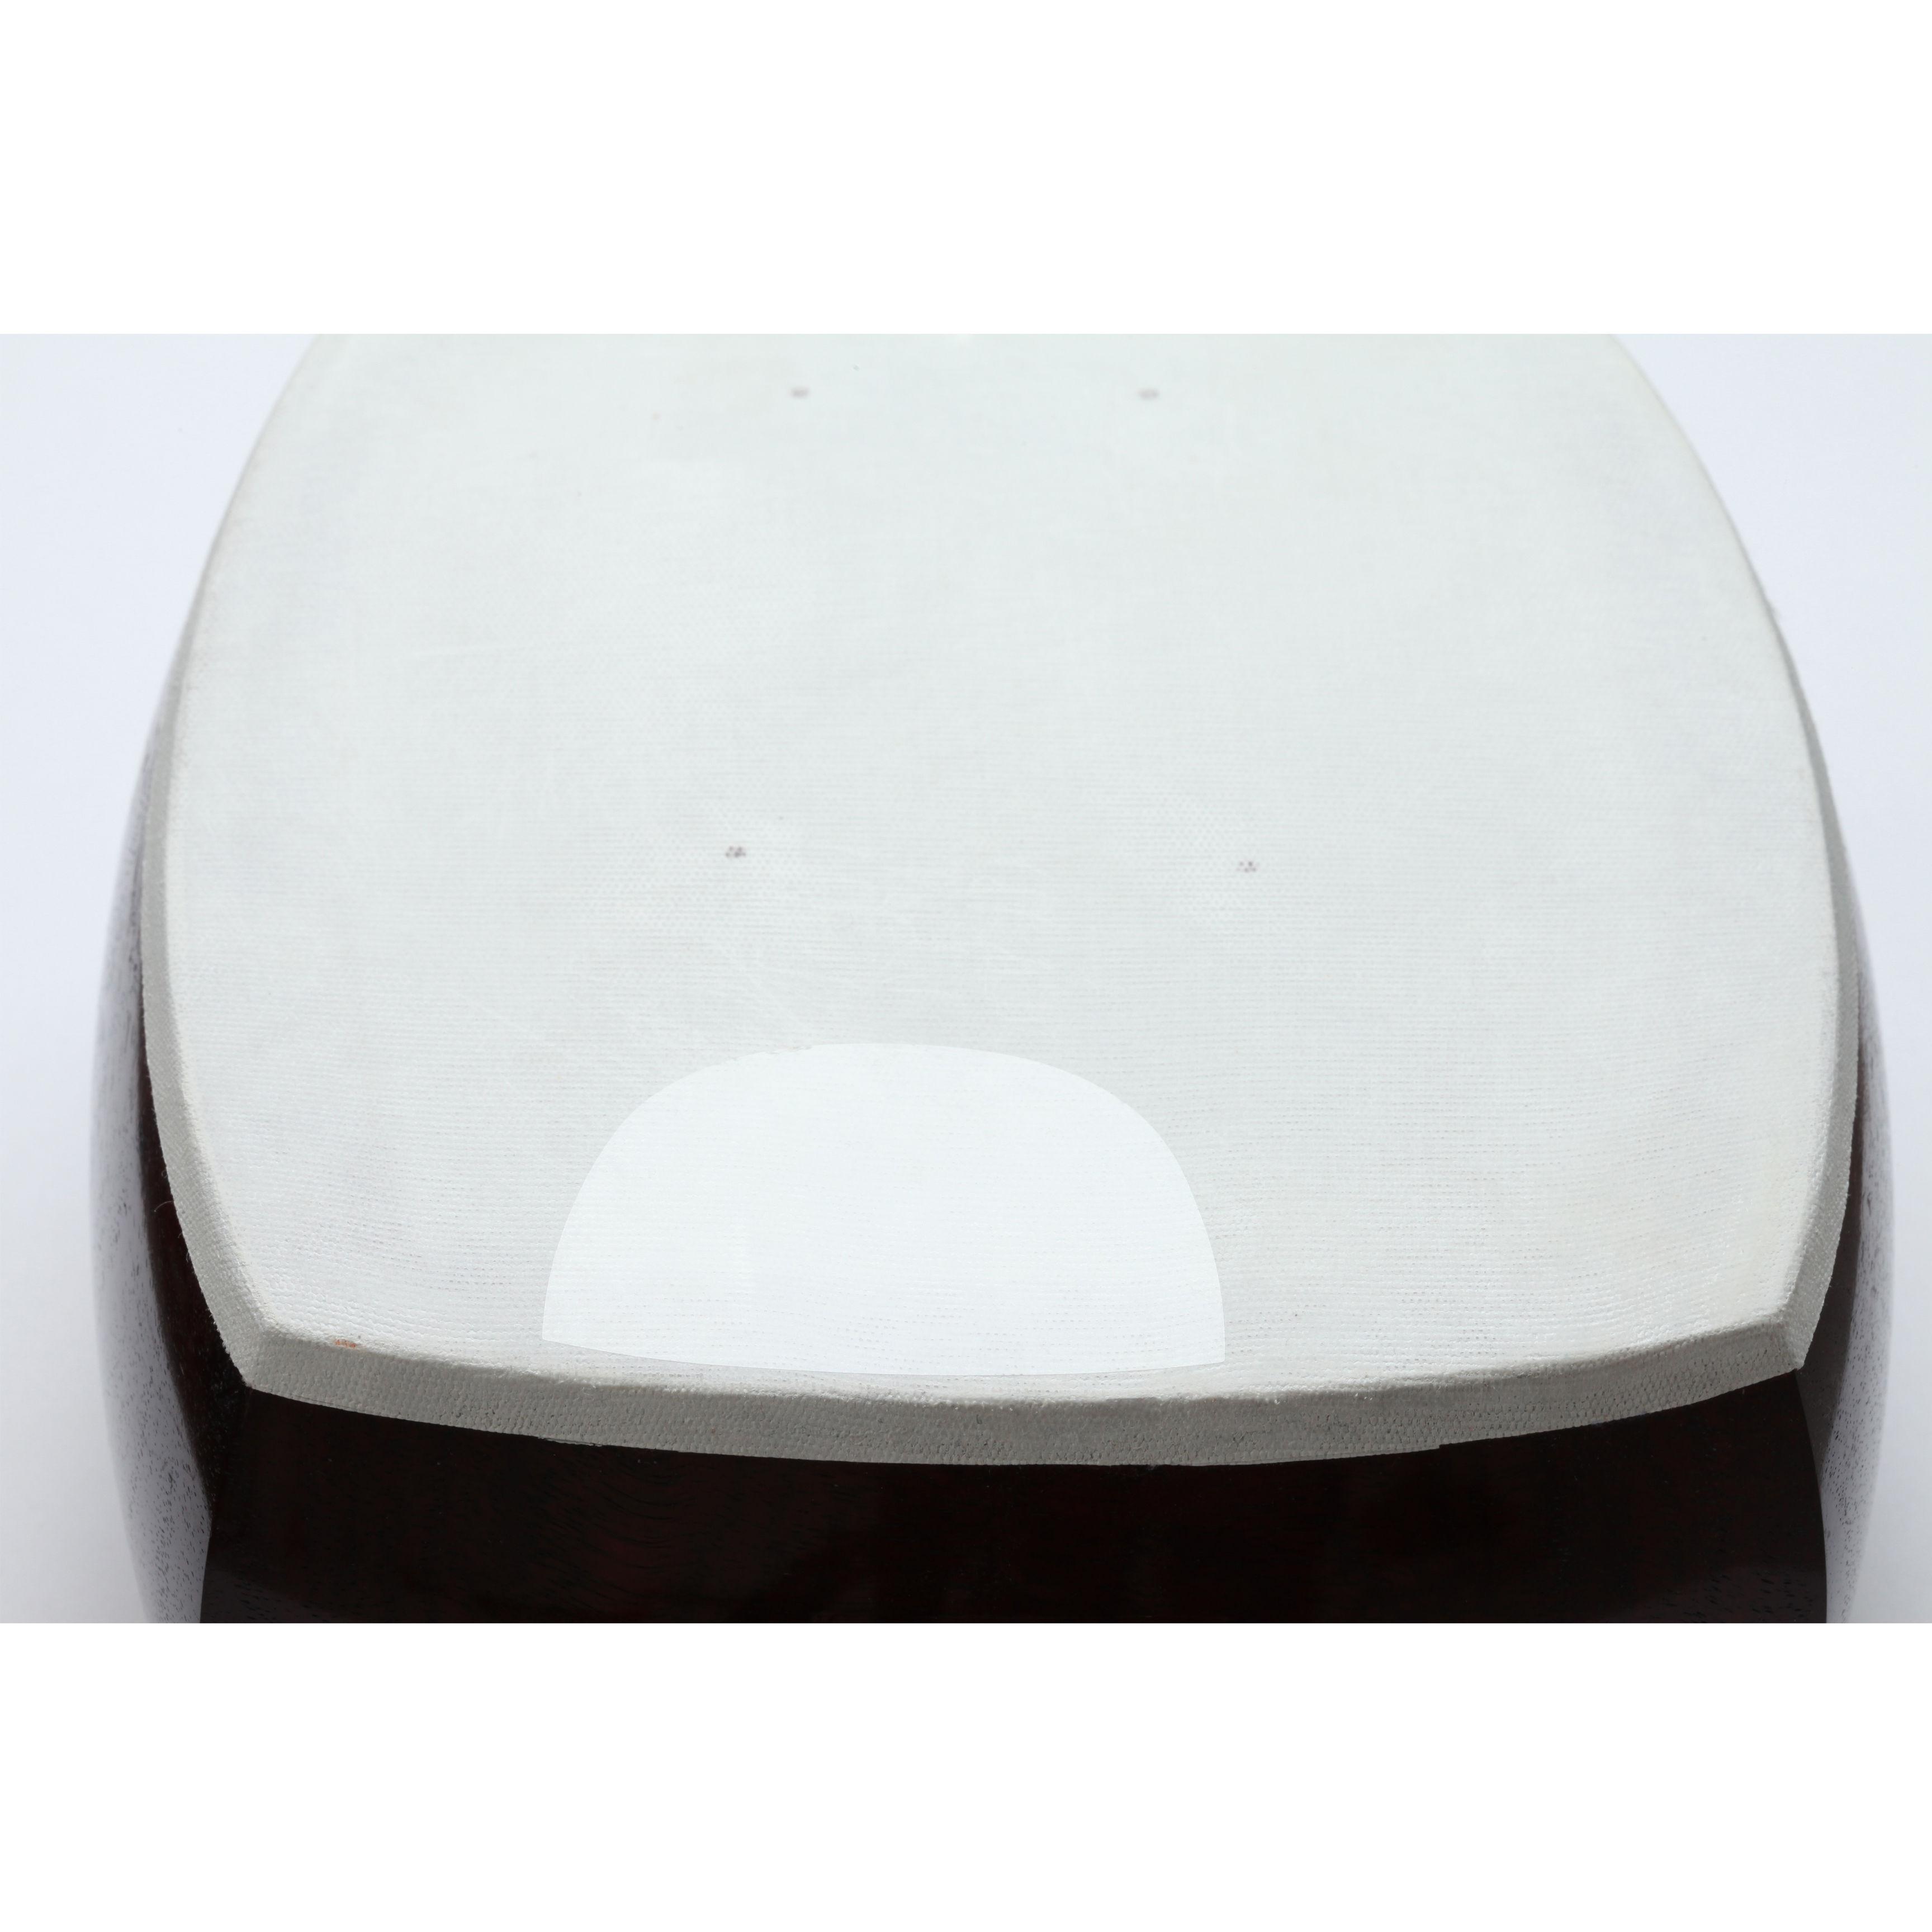 [29089]【長唄】両面 教材用三味線人工皮リプル張り替え